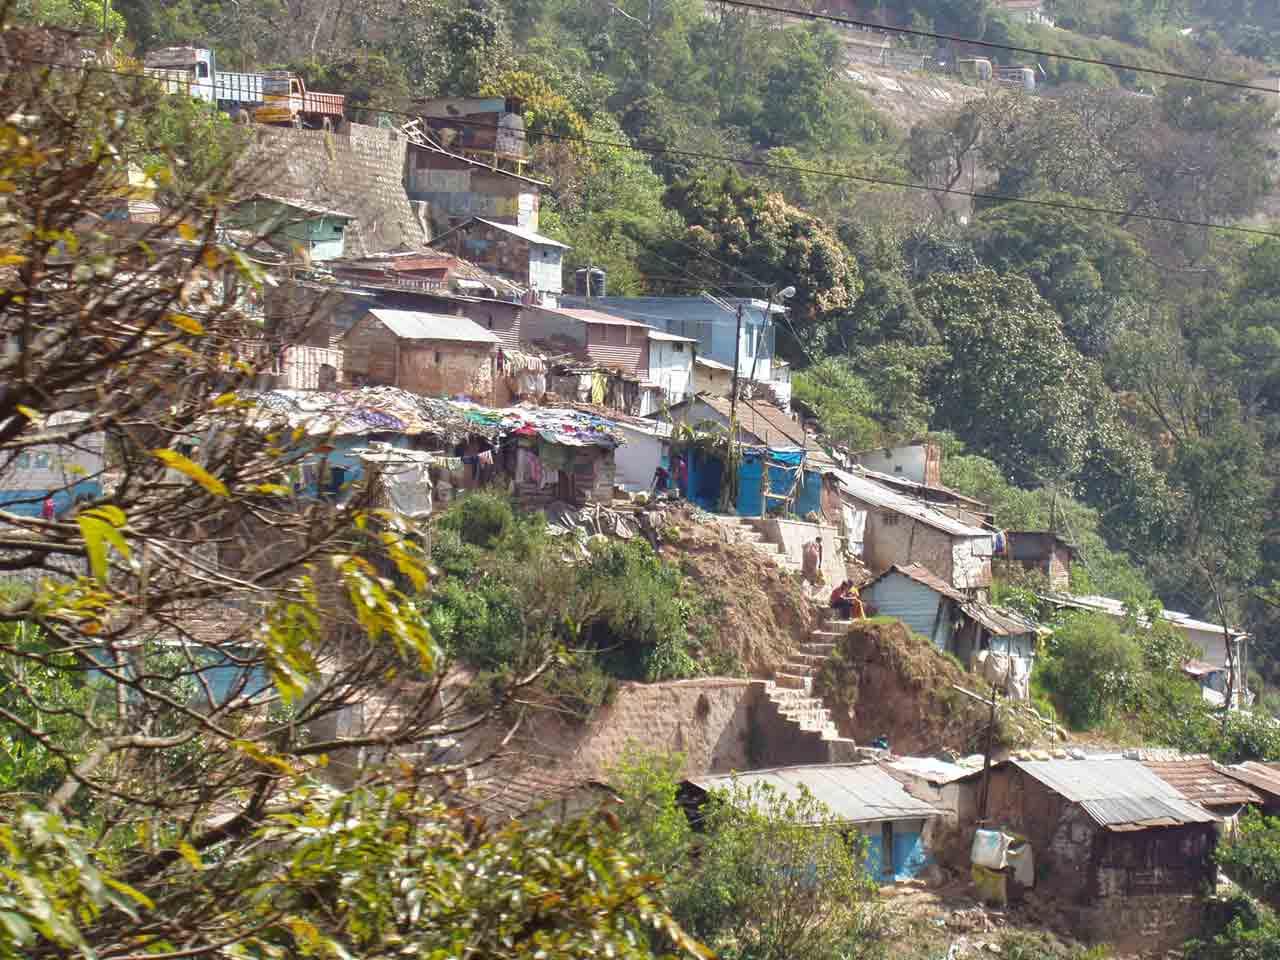 Houses along the trek